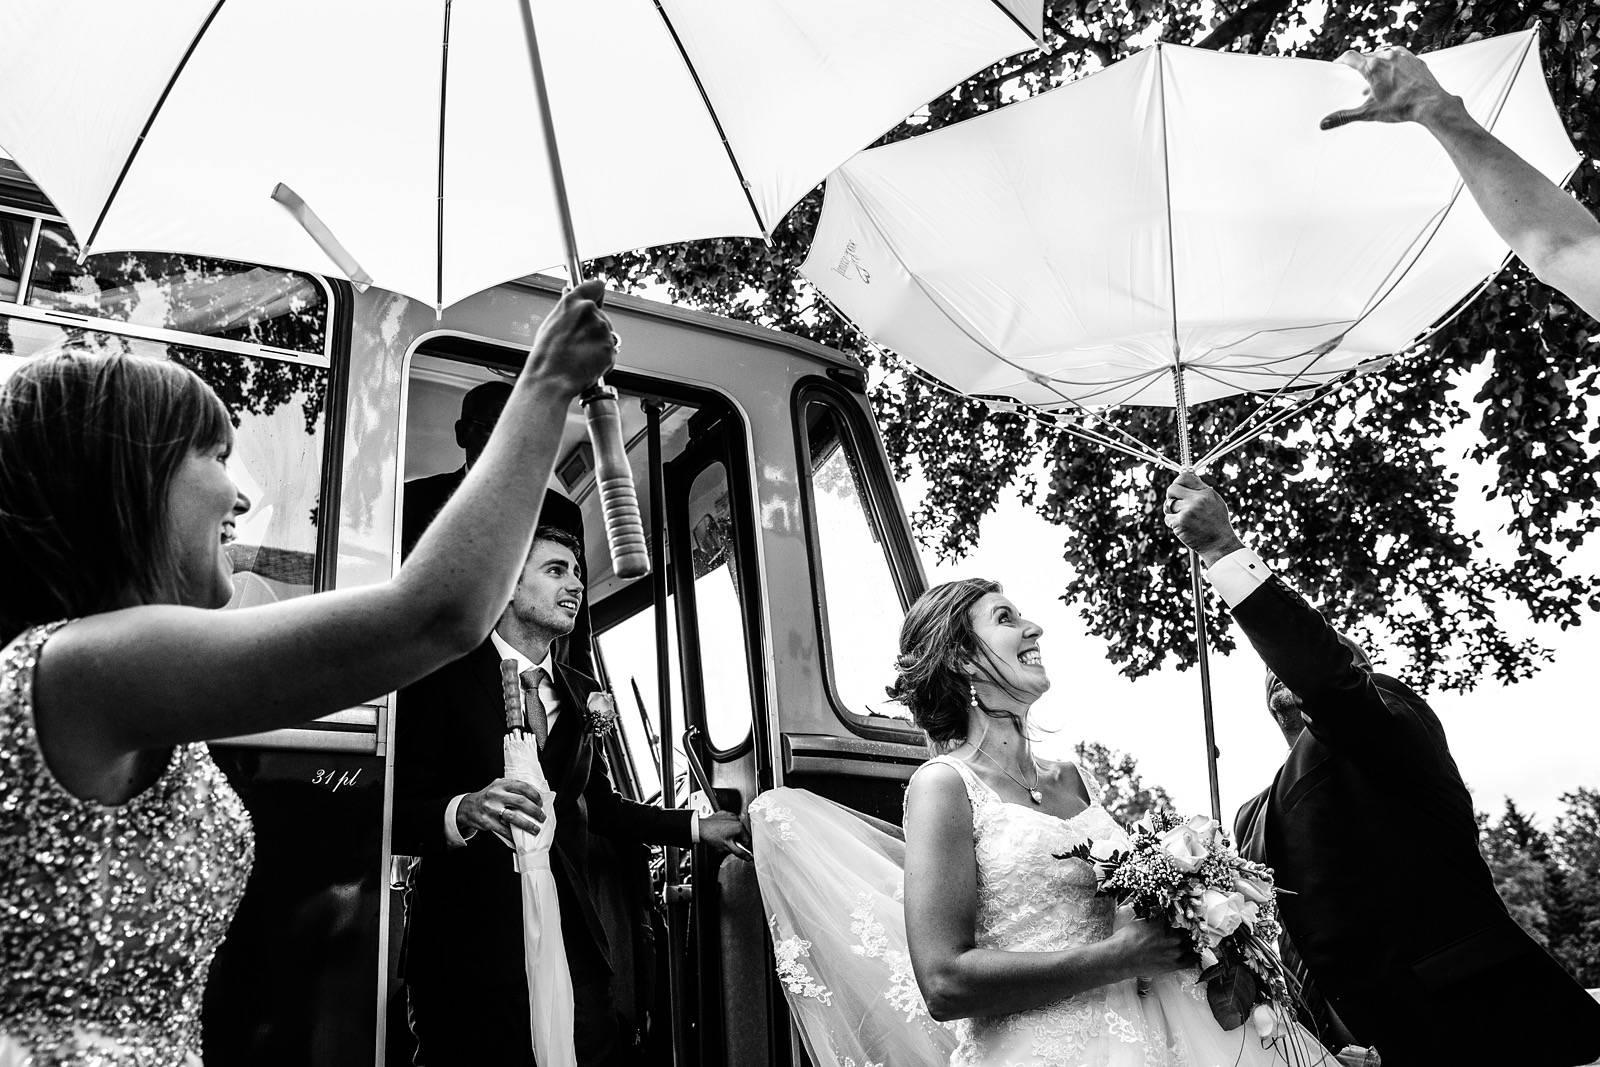 Yves Schepers Photography - Fotograaf - Huwelijksfotograaf - Trouwfotograaf - Bruidsfotograaf - House of Weddings - 19